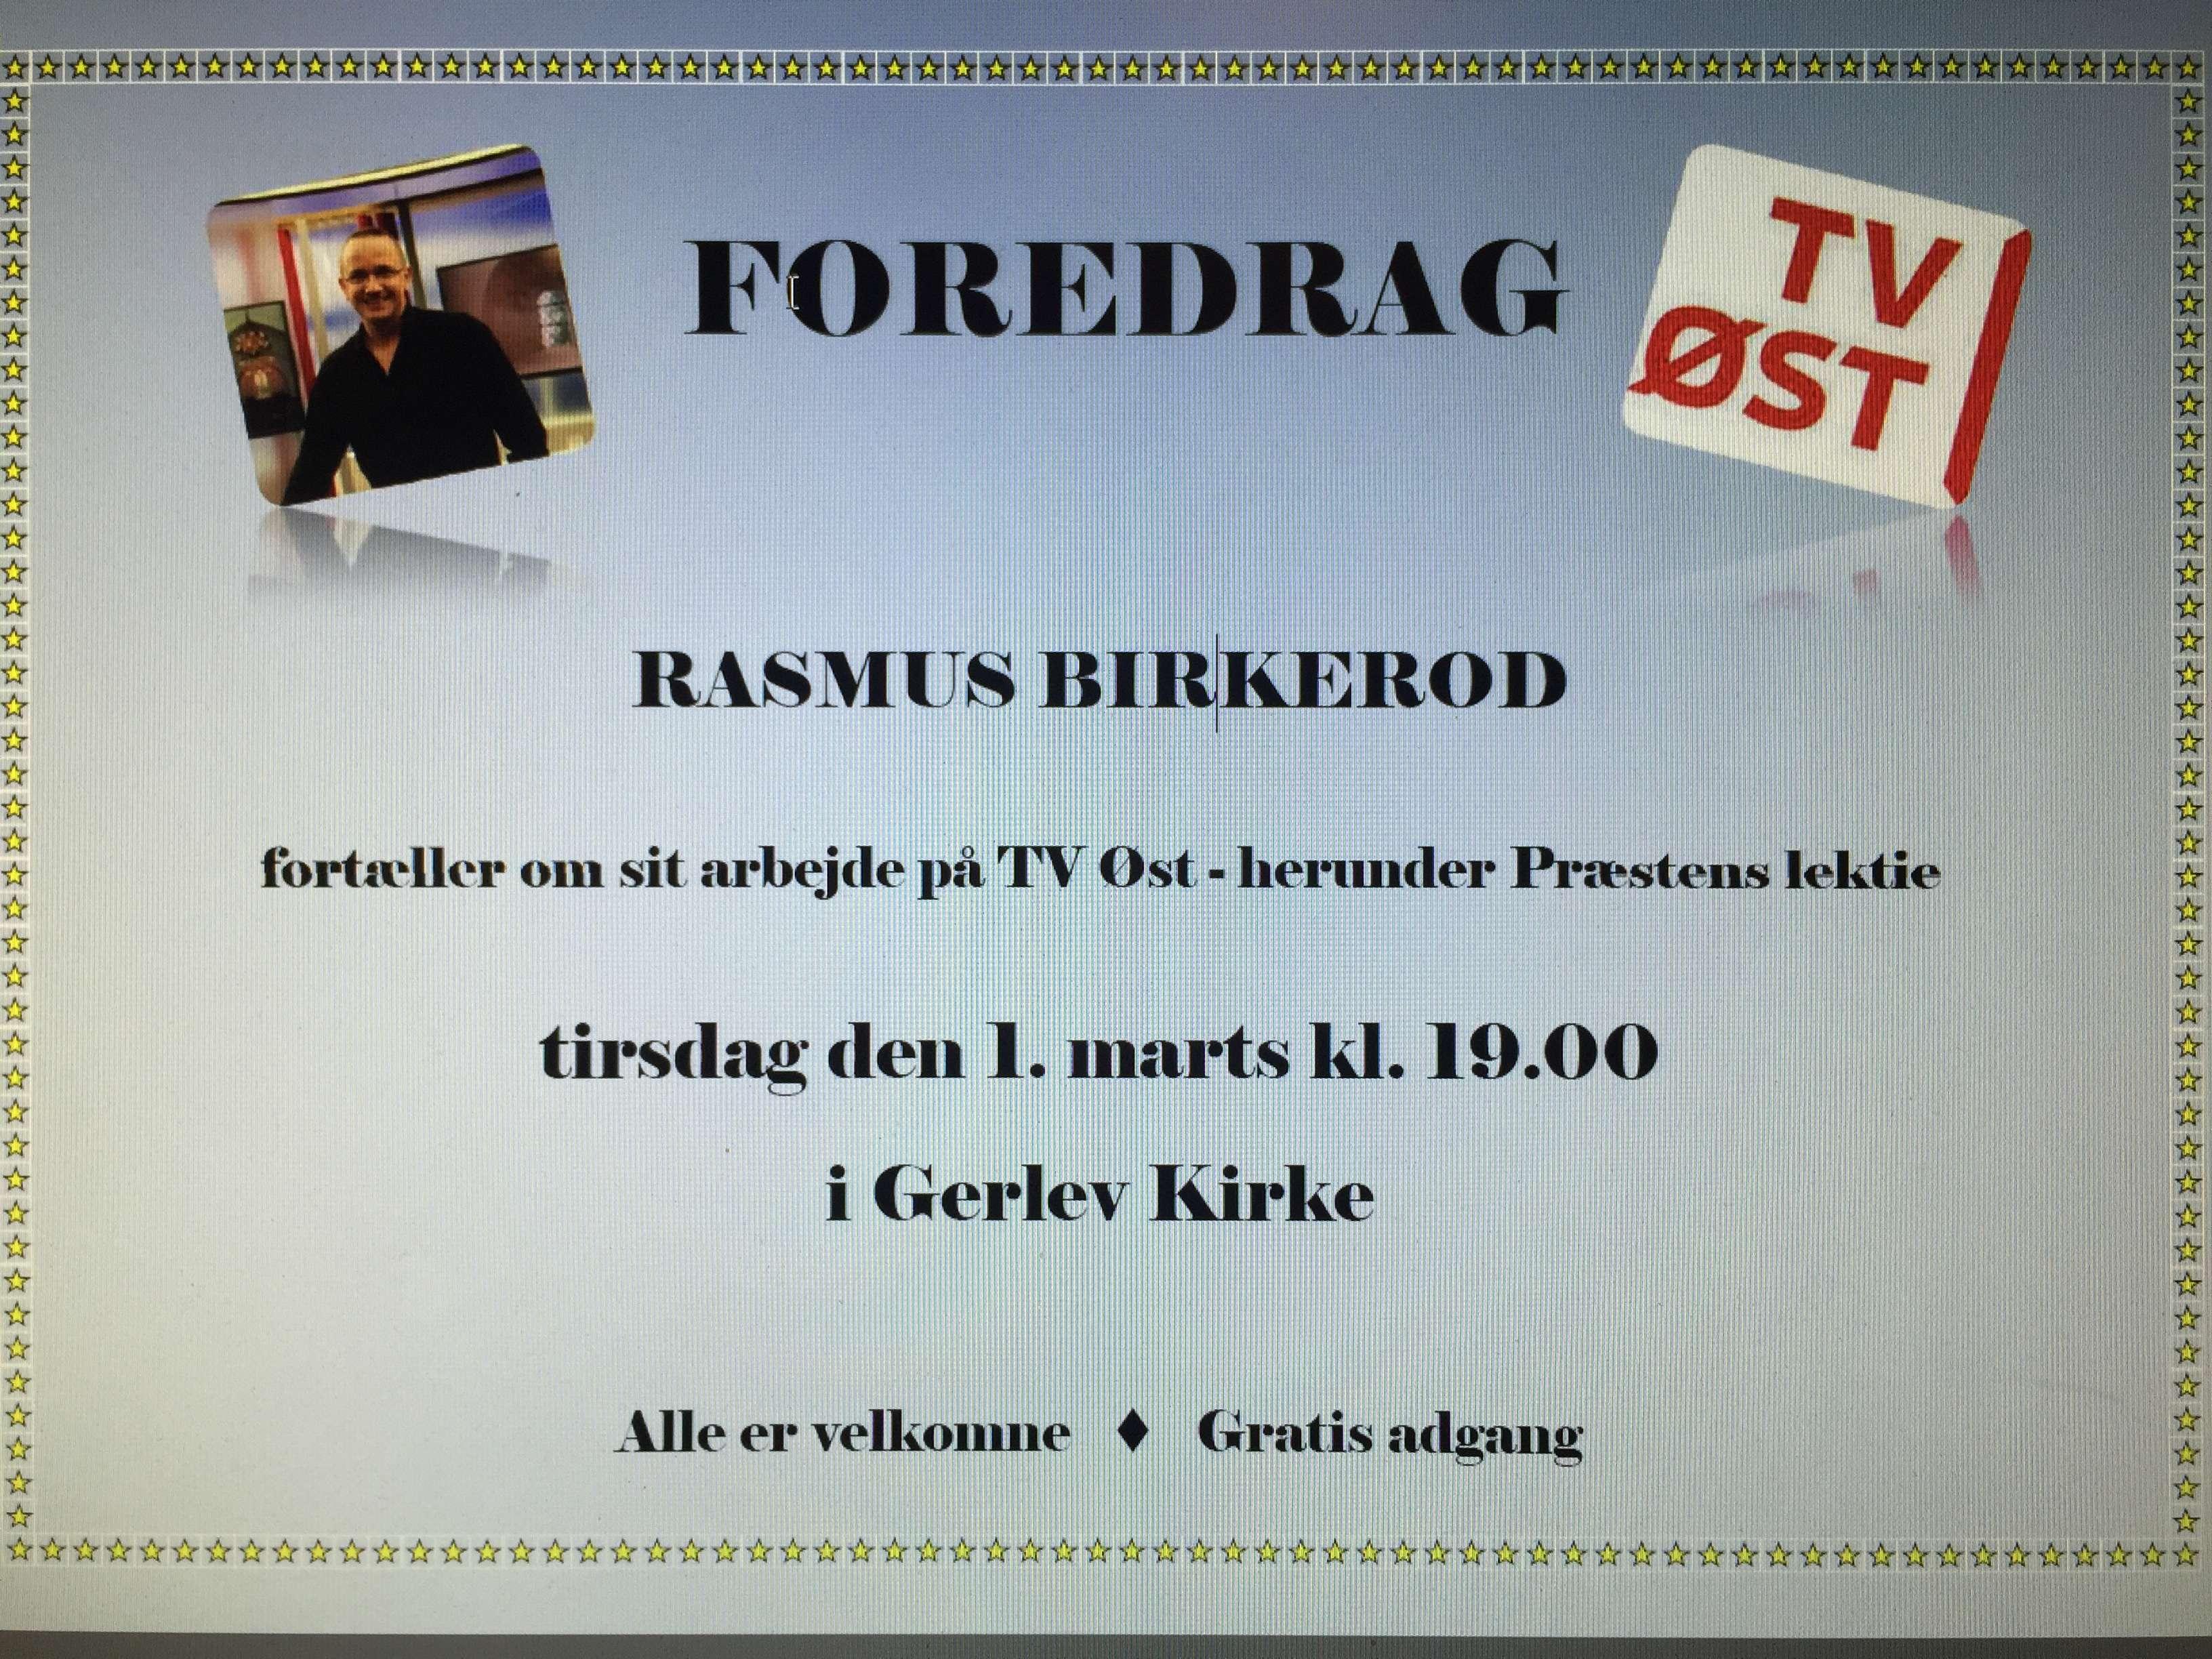 Foredrag med Rasmus Birkerod